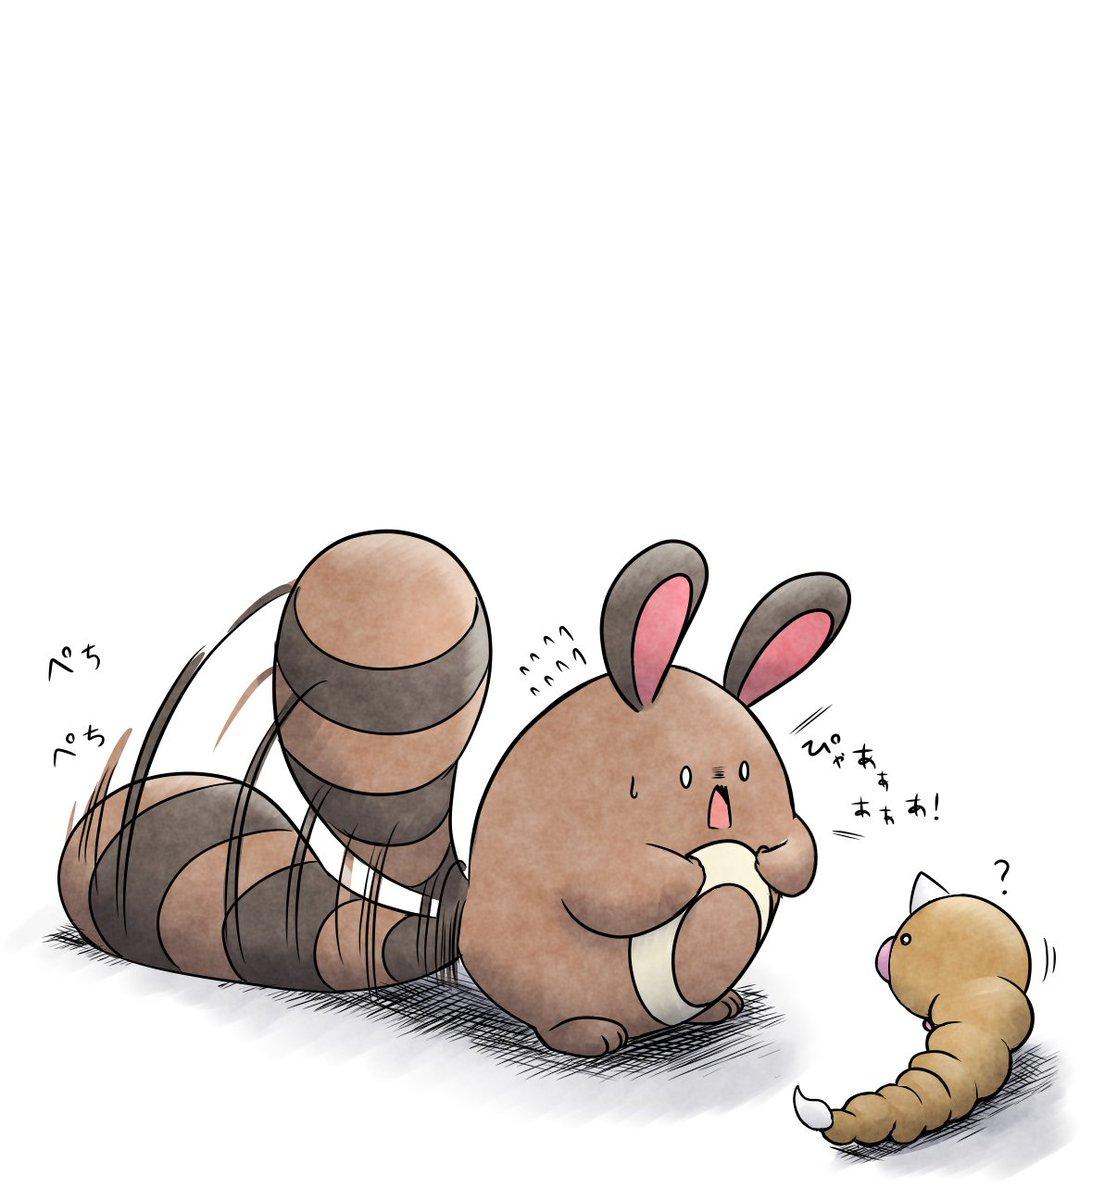 みはりやくは するどく ないたり しっぽで じめんを たたいたりして なかまに きけんを しらせる。